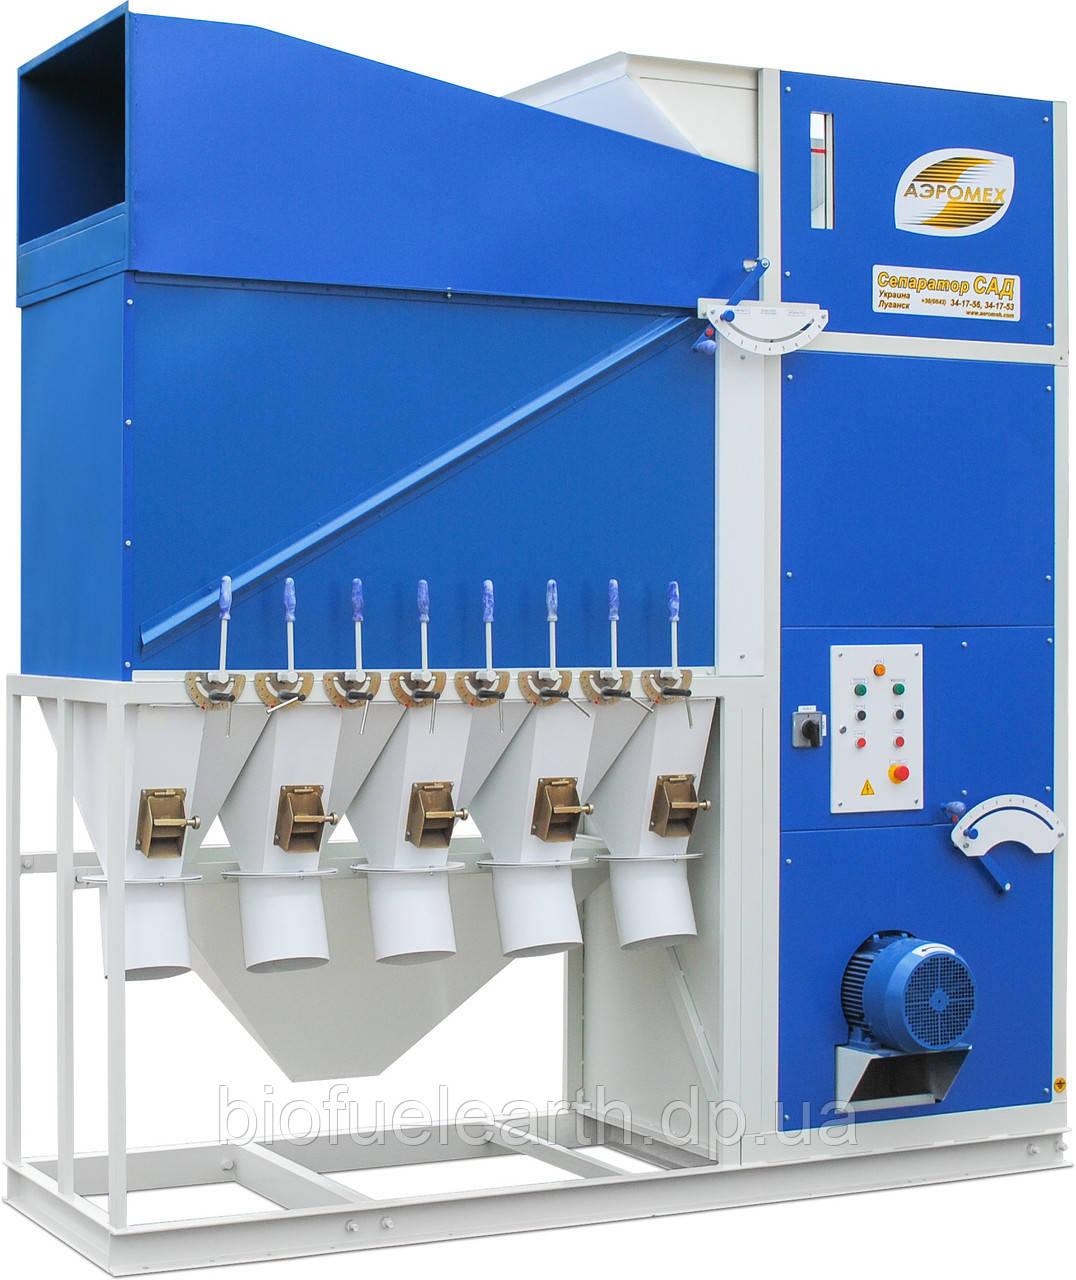 Завод АЭРОМЕХ-сепаратор САД-30 для очистки и калибровки зерна